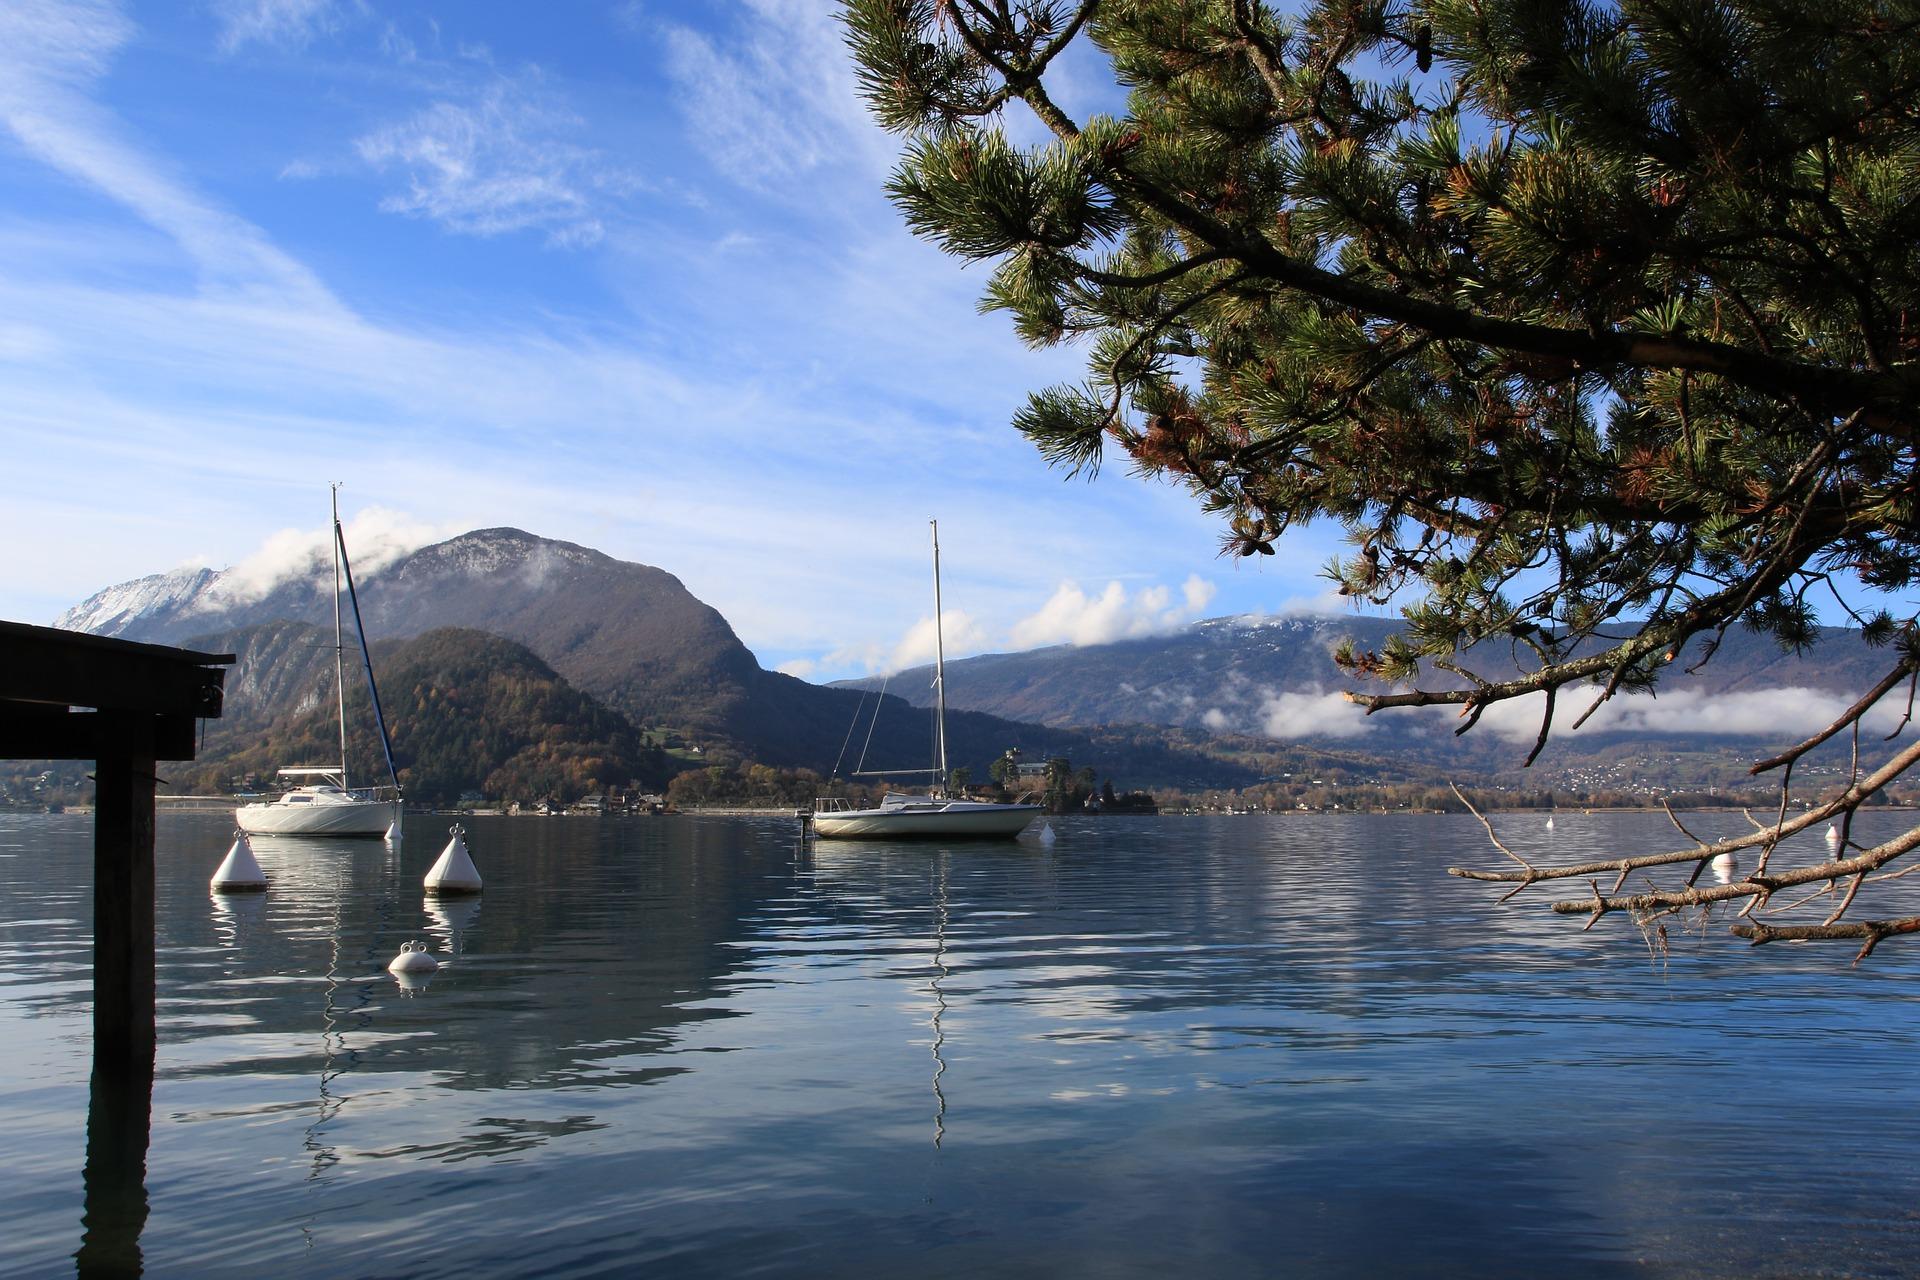 Lac_d'Annecy_CC0.jpg?1545476386